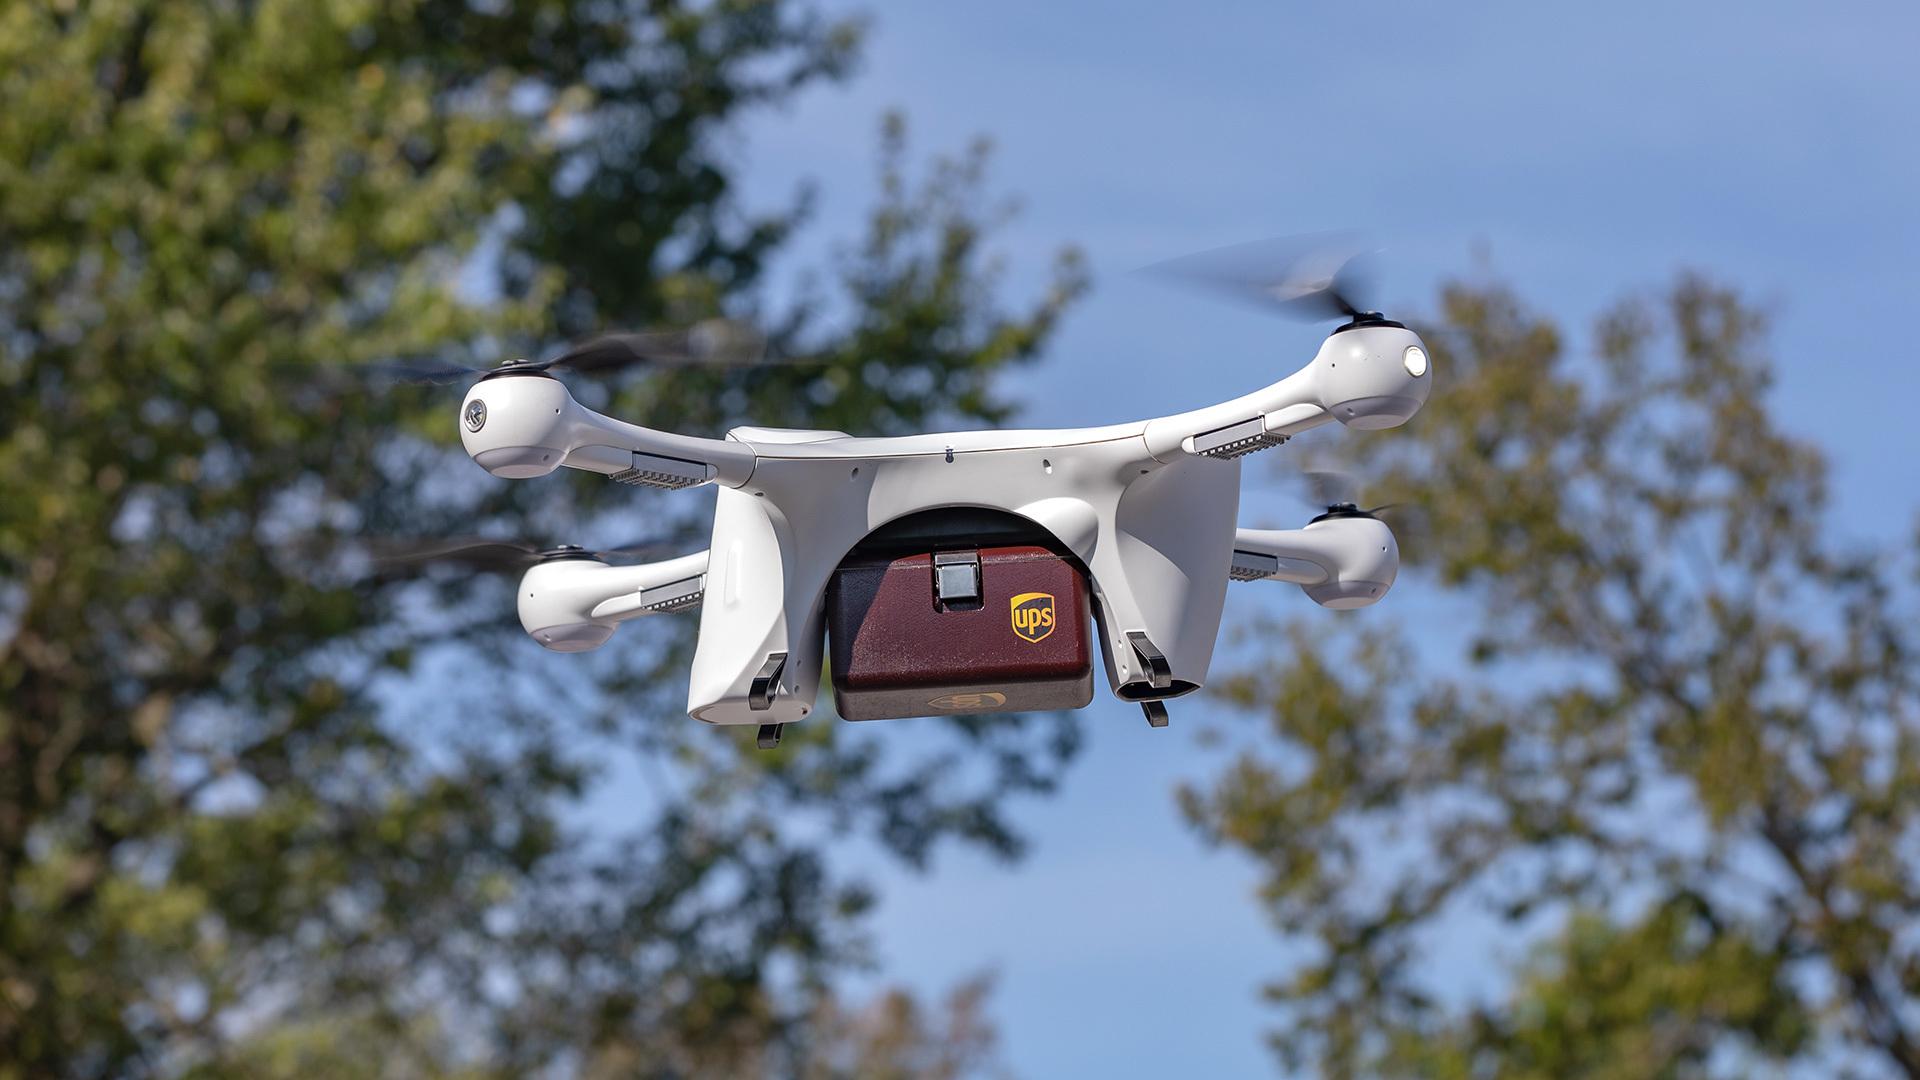 Drony zamiast samolotów. Pierwsza taka linia lotnicza z pozwoleniem na latanie